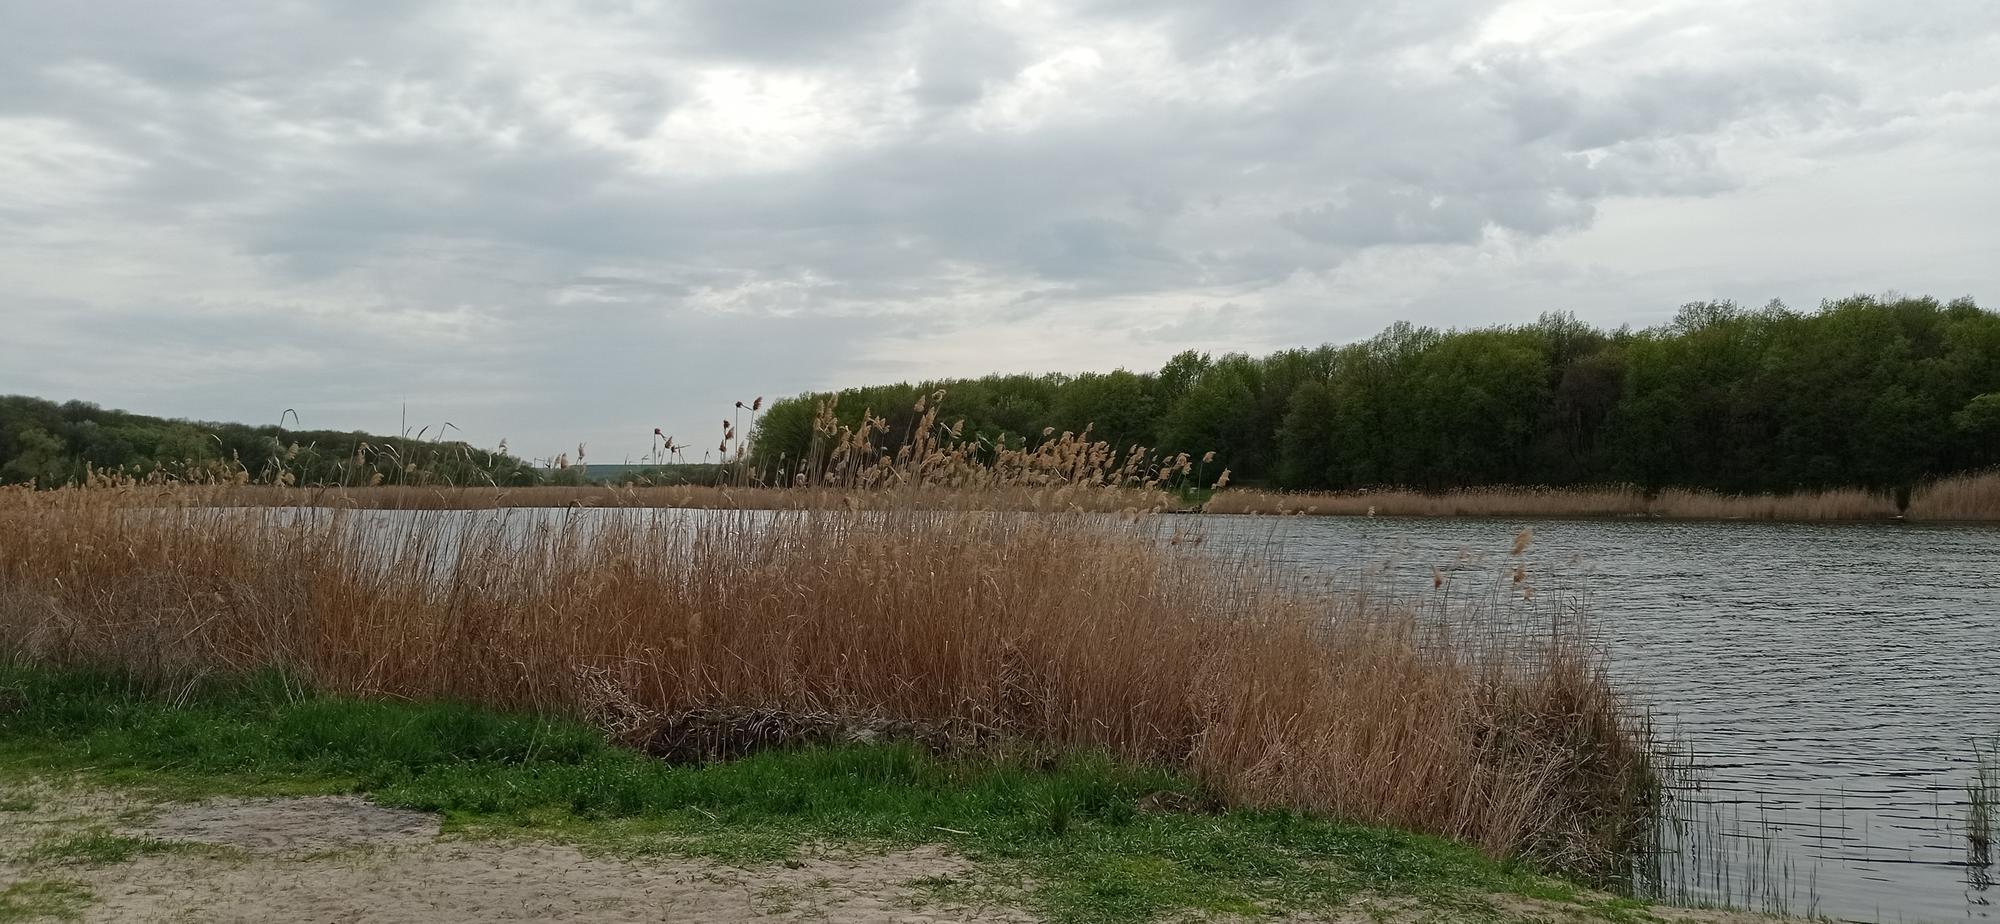 Північний пруд та річка Ближня Ступка в Бахмуті